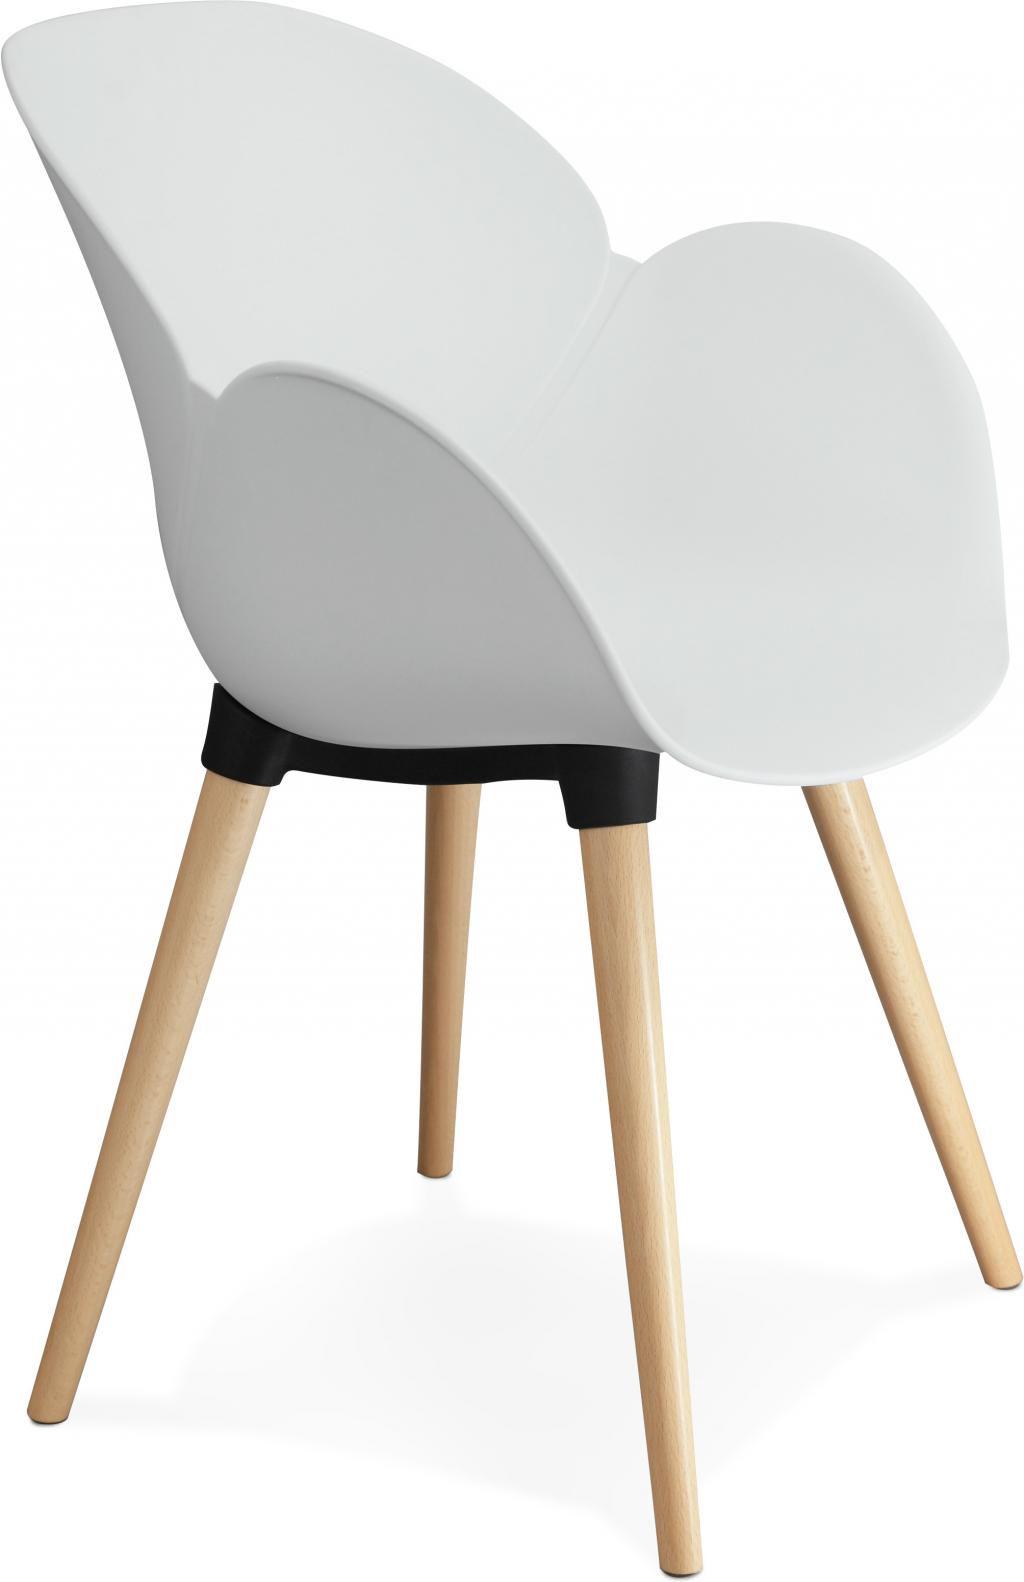 Stoel sitwel wit kunststof beukenhout kokoon design for Design stoel wit